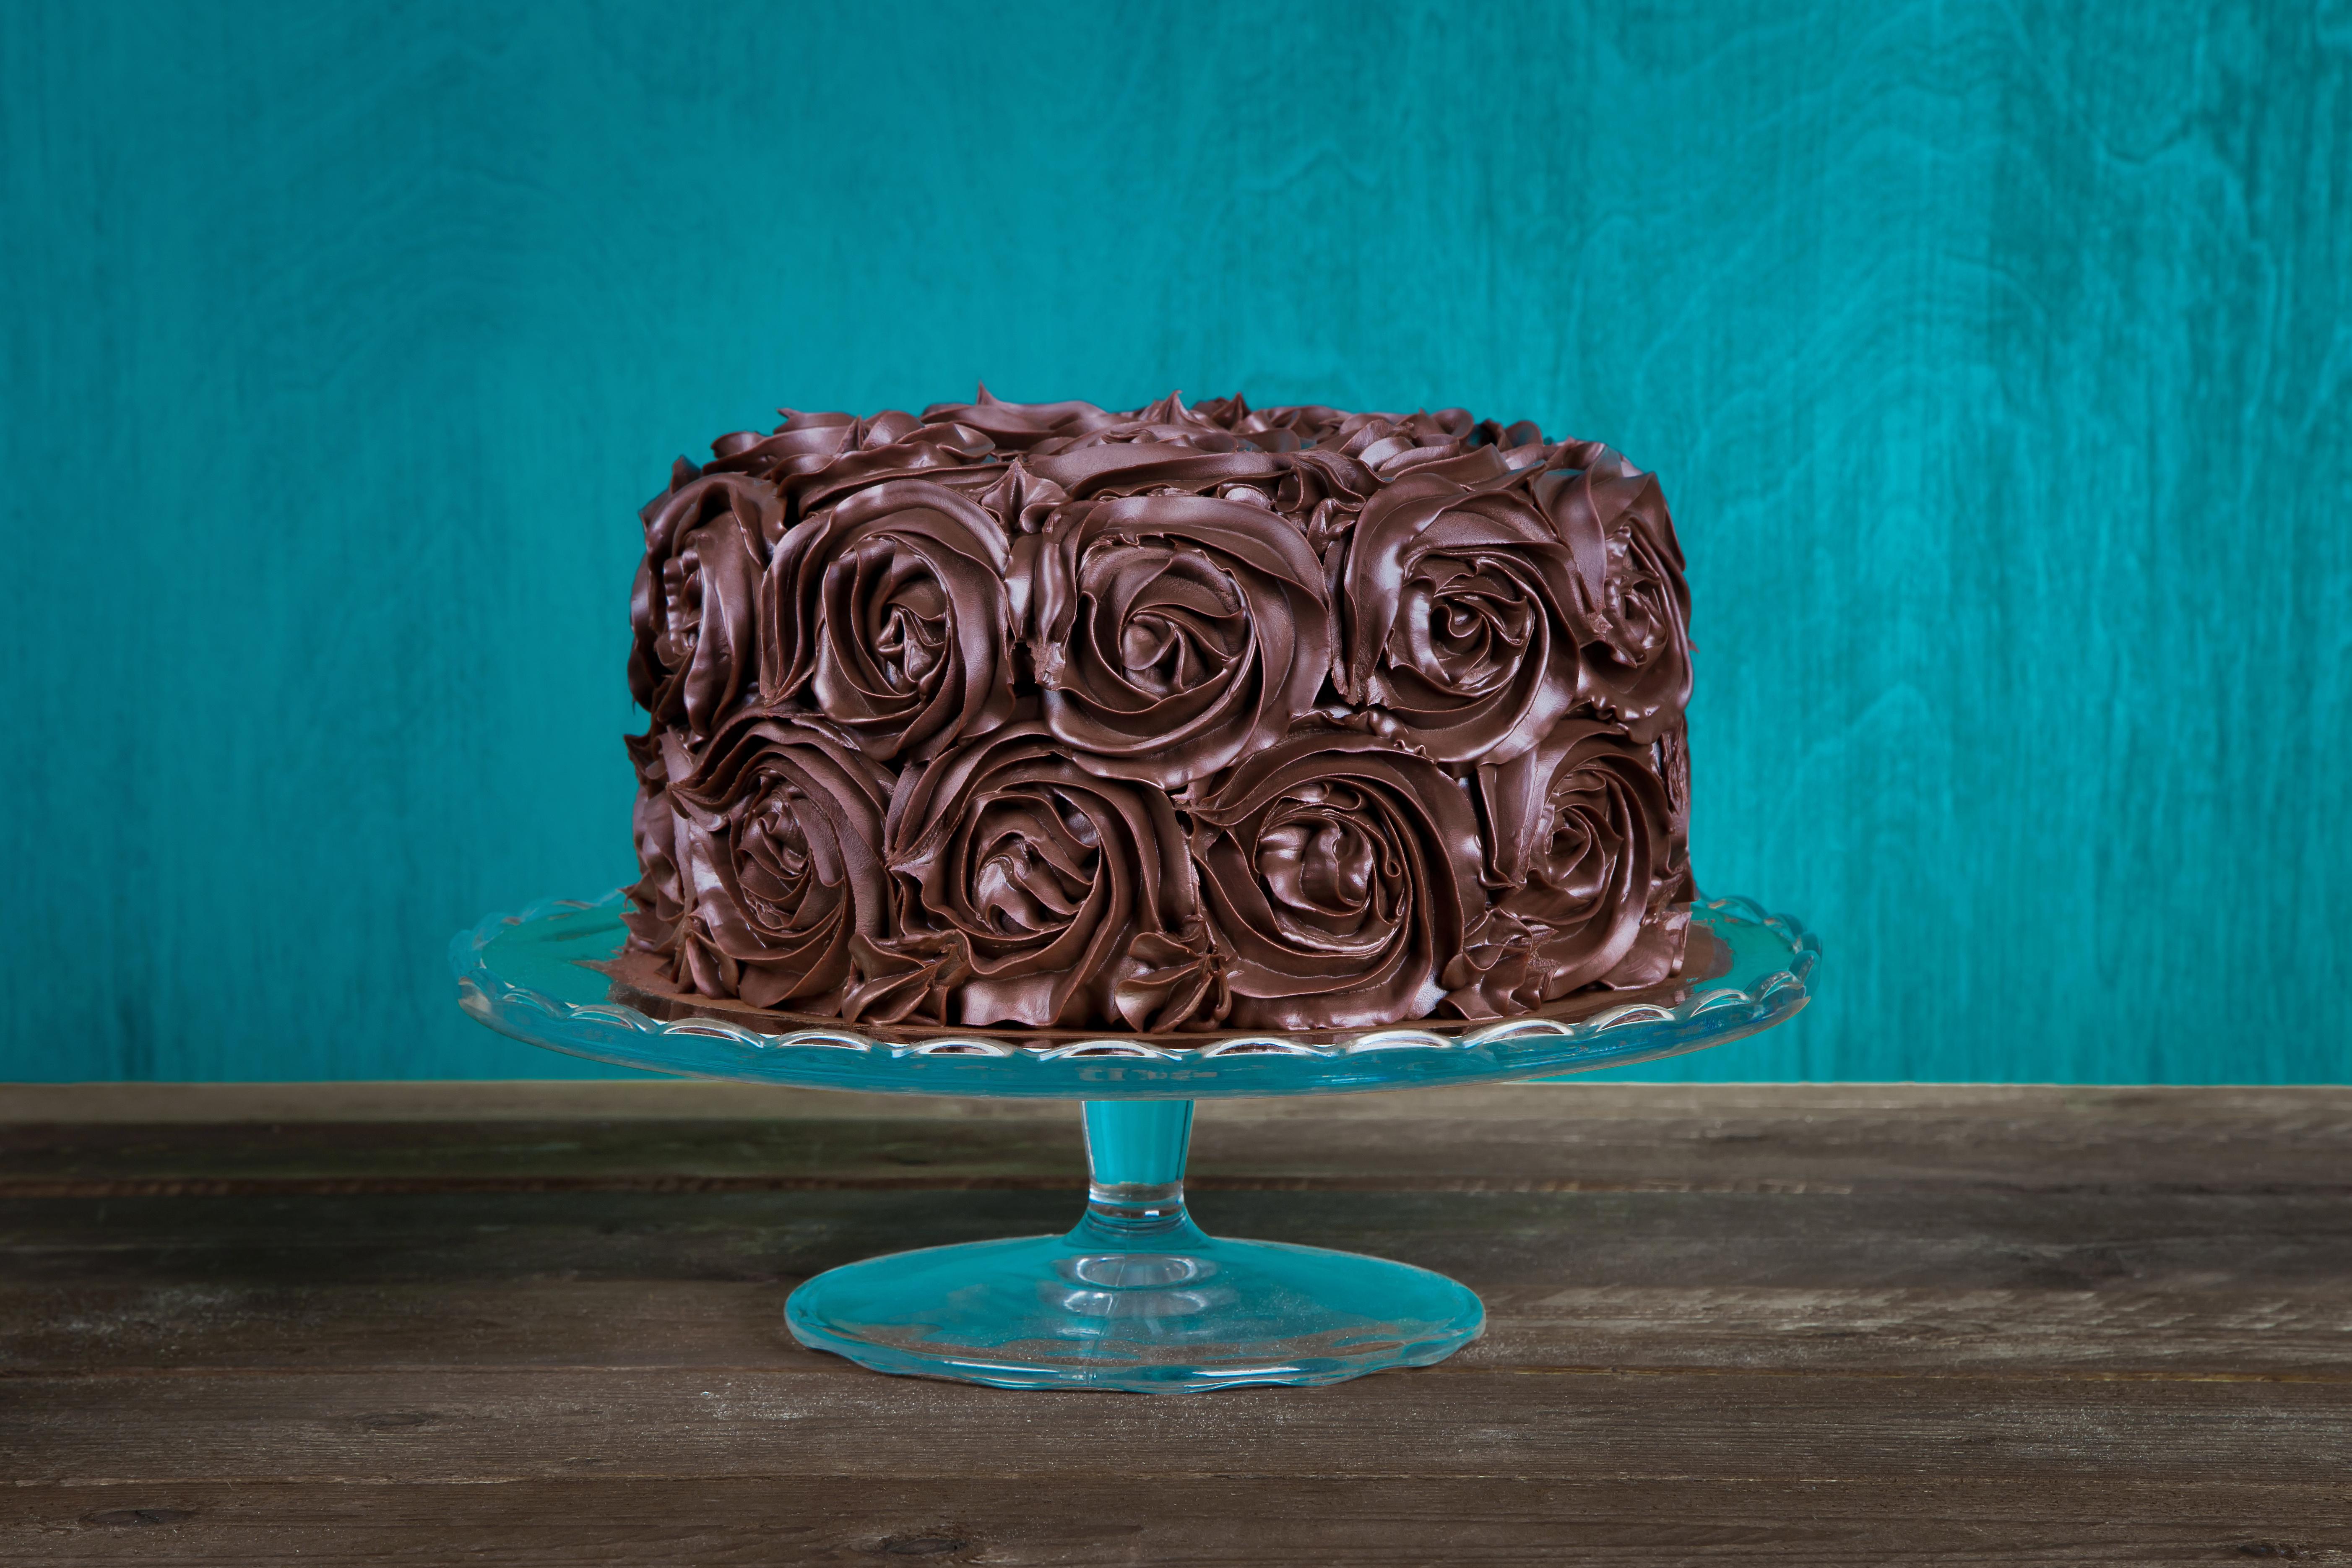 Картинка Шоколад Торты Продукты питания Сладости Дизайн 5608x3739 Еда Пища дизайна